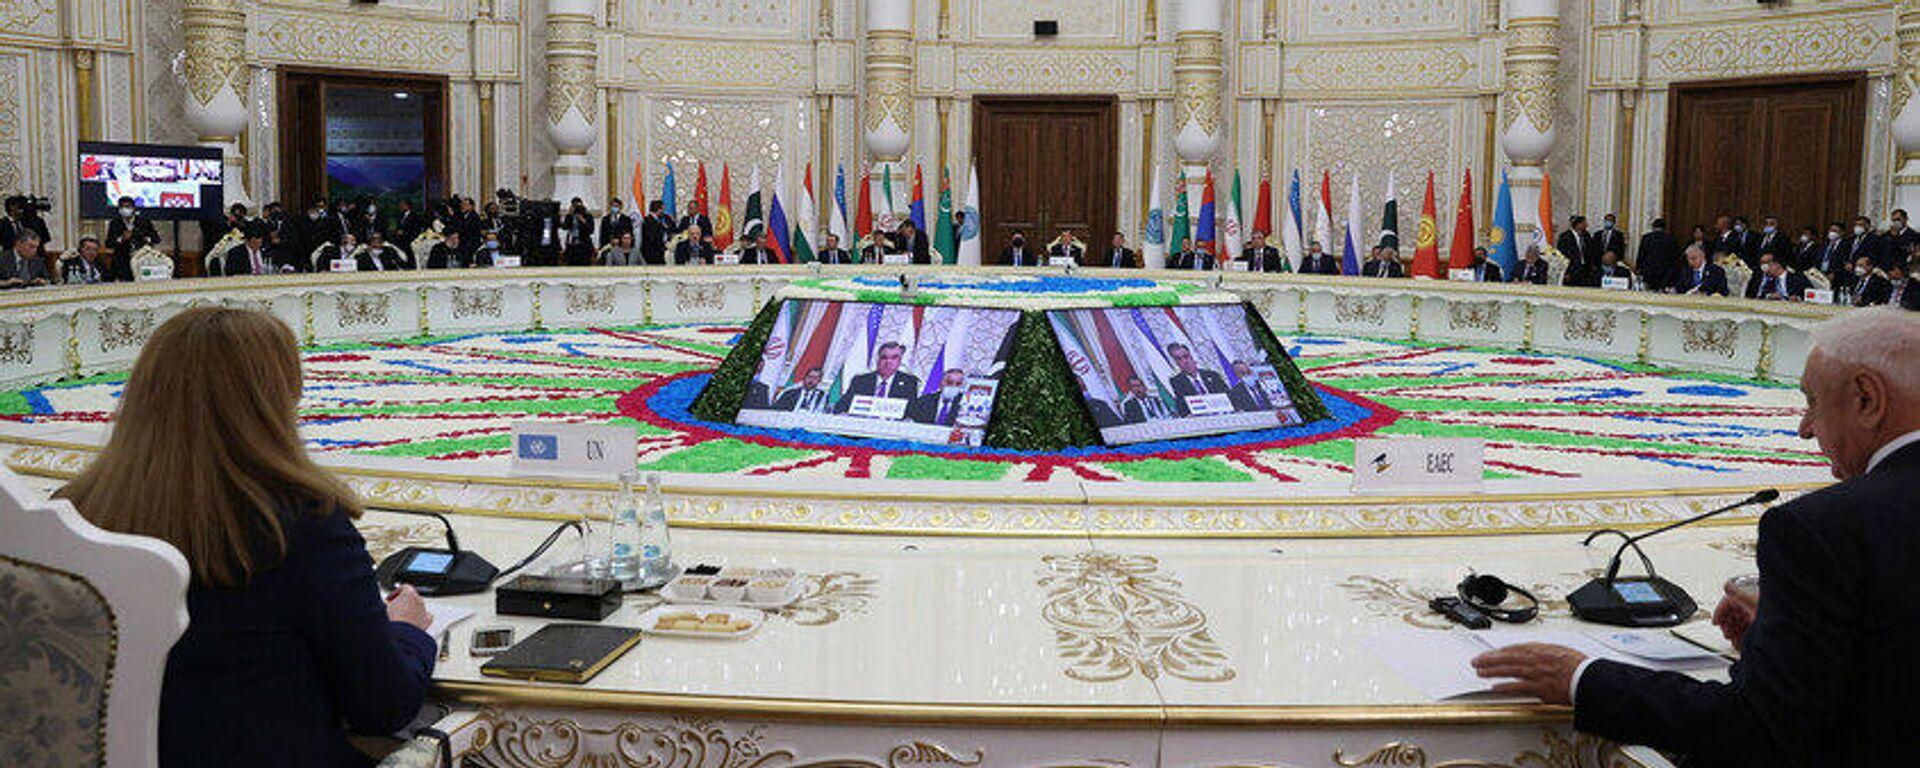 Заседание Совета глав государств Шанхайской организации сотрудничества - Sputnik Таджикистан, 1920, 17.09.2021